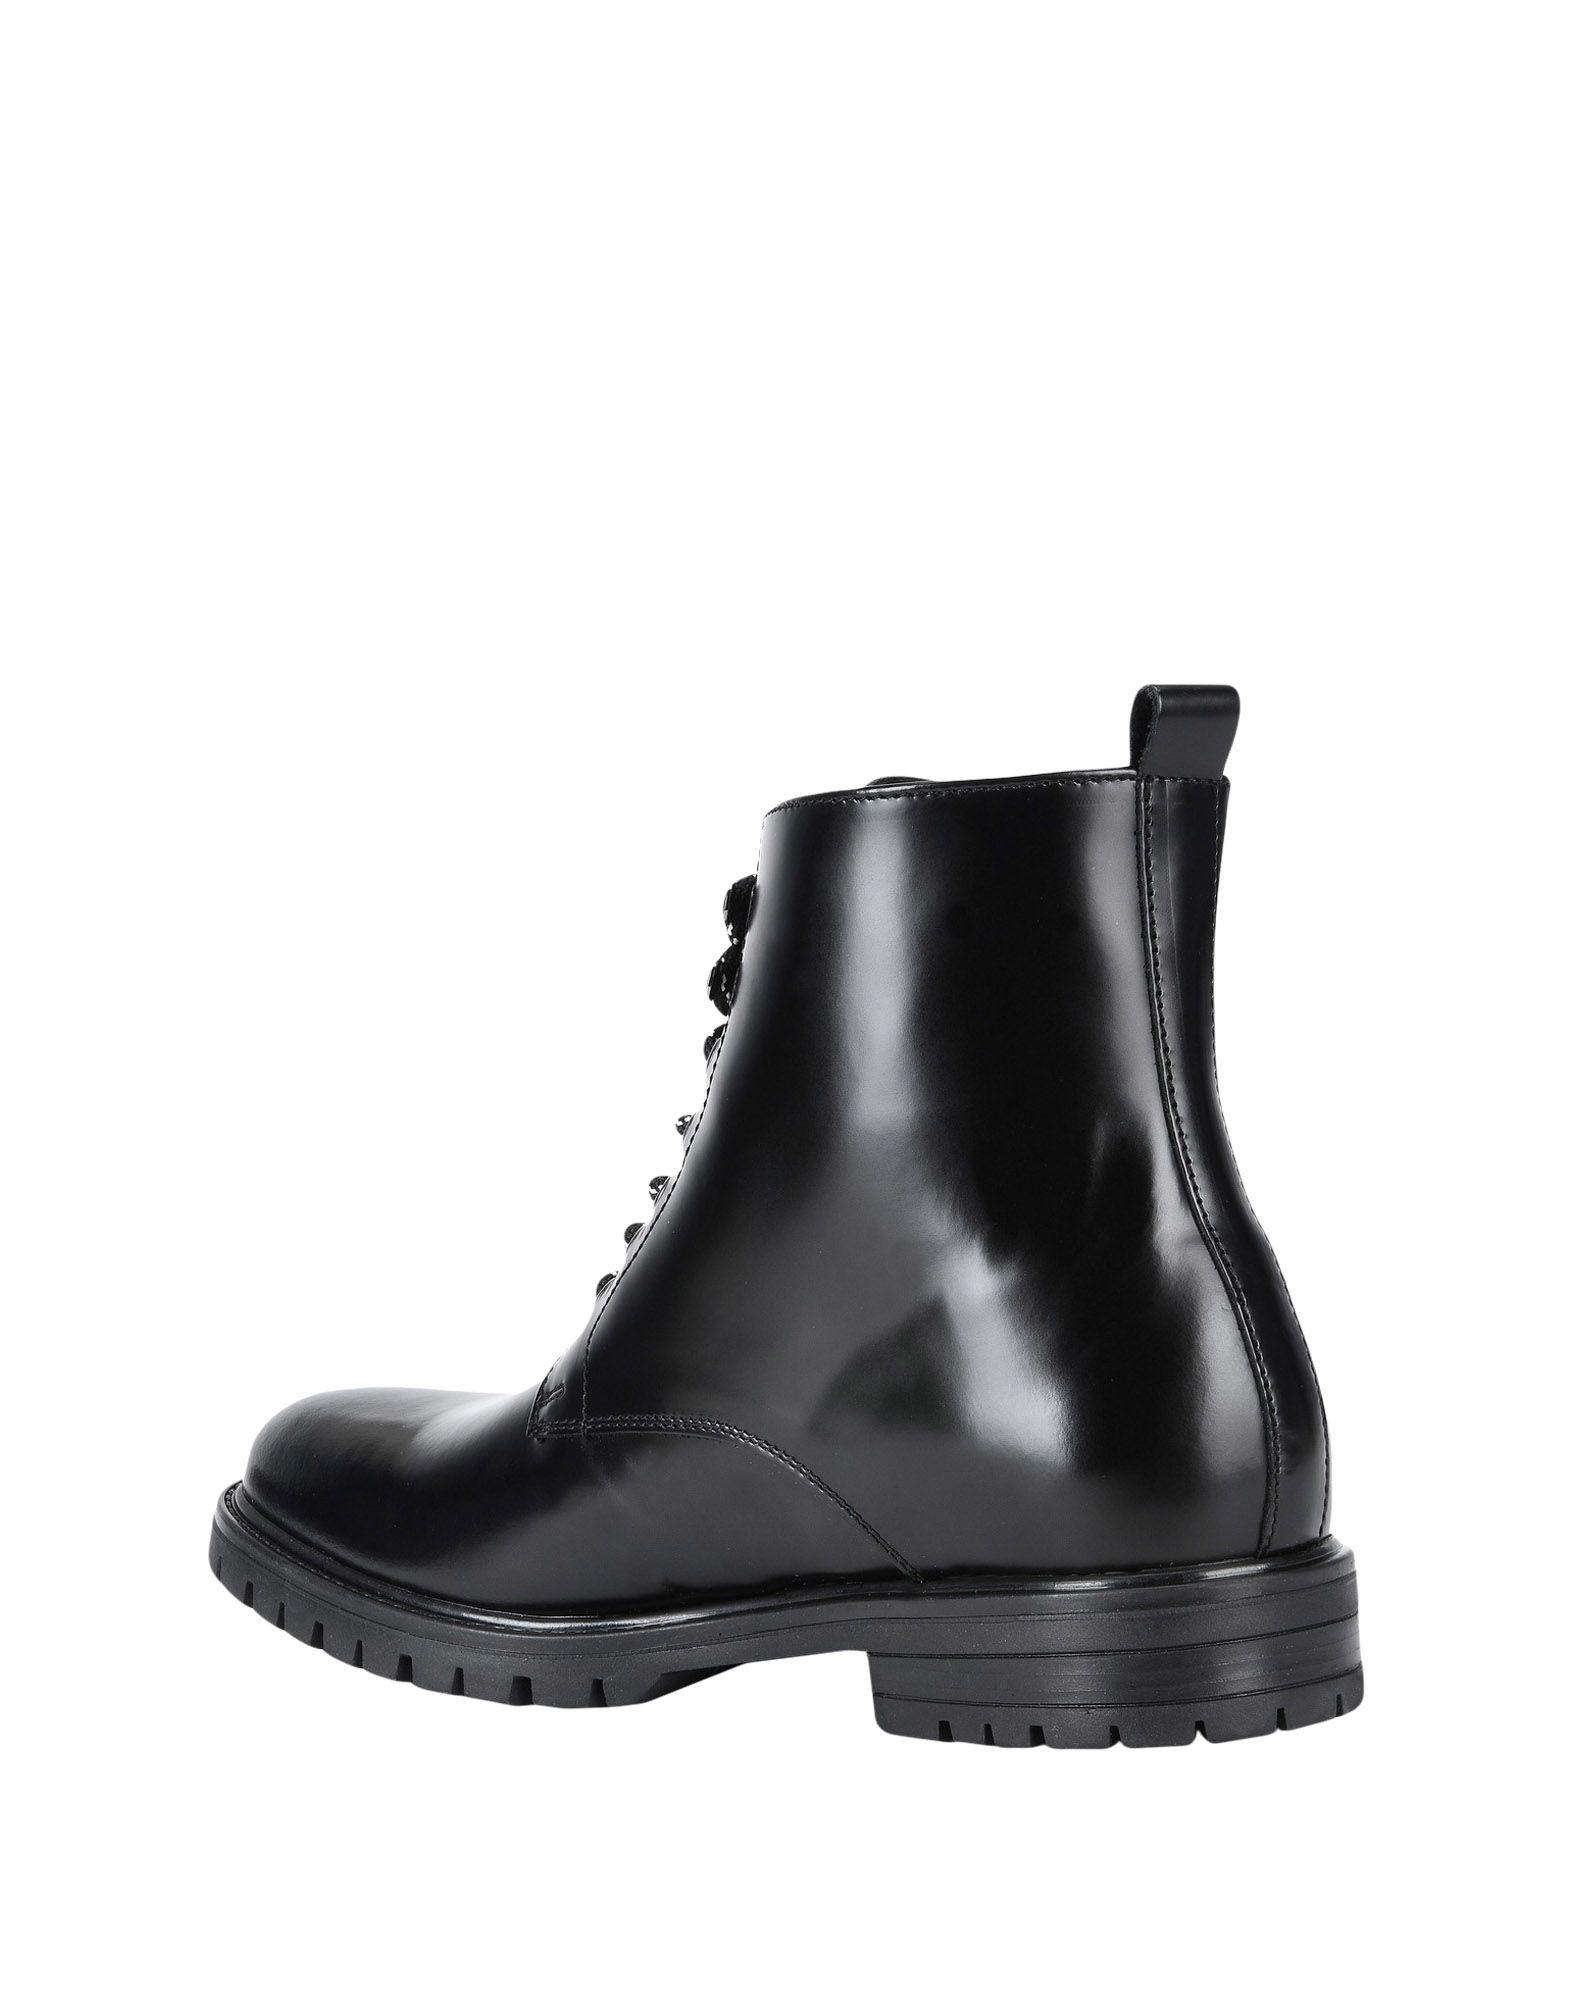 Ylati Heritage Stiefelette Herren  11483027LH Gute Qualität beliebte Schuhe